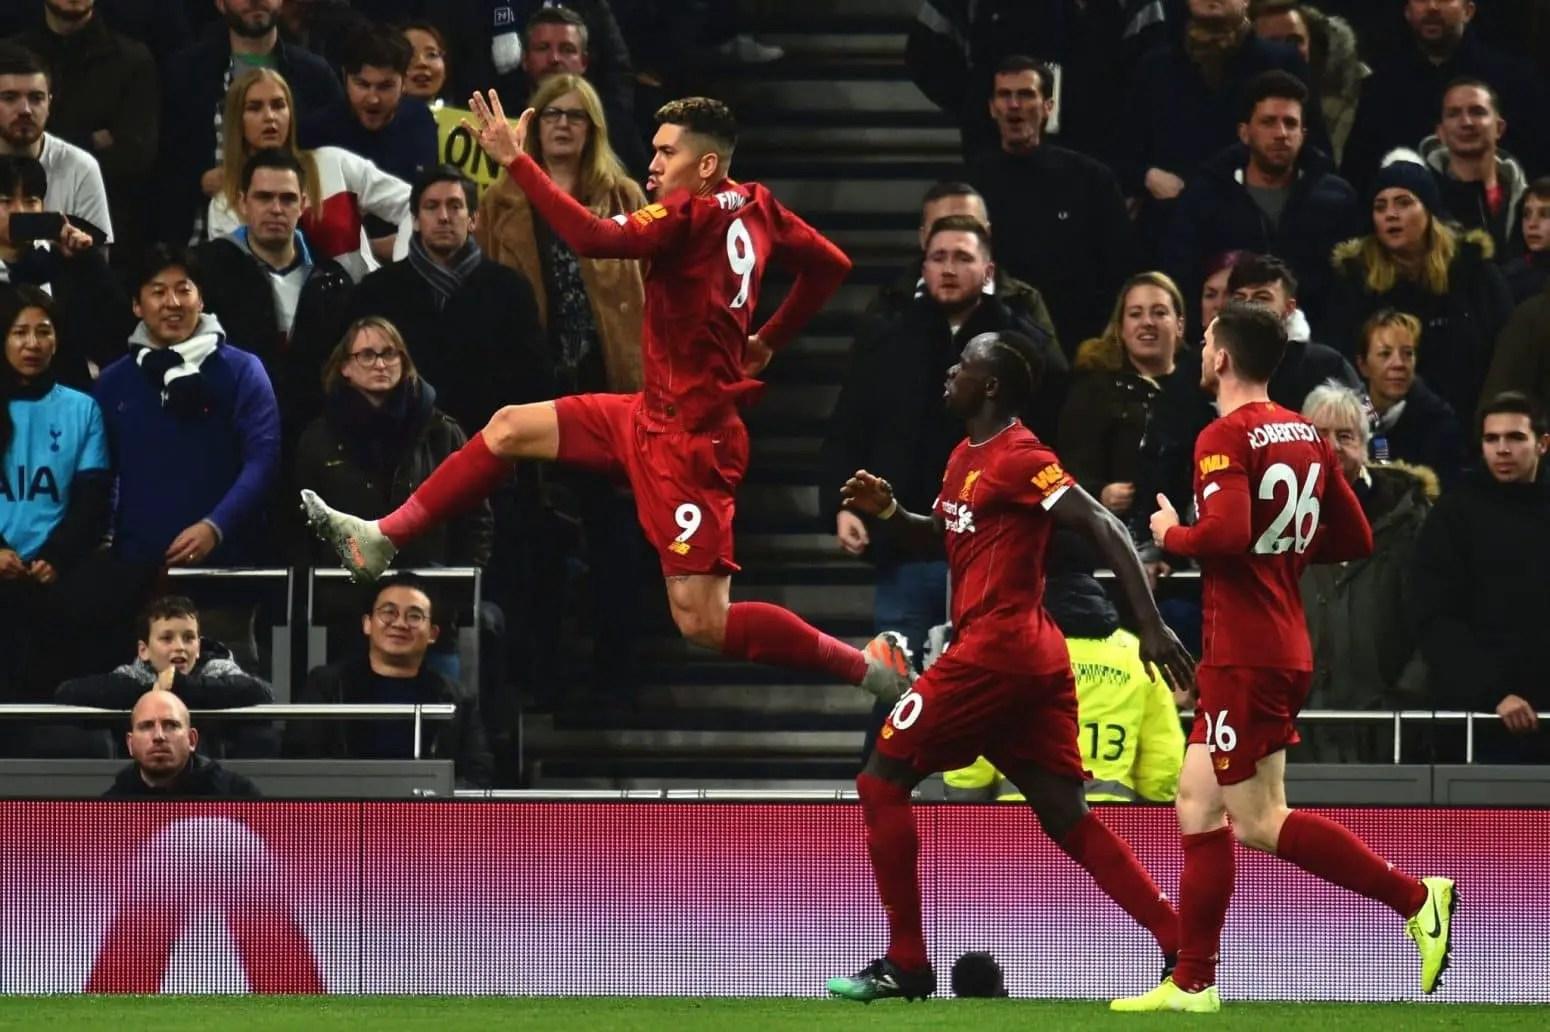 Tottenham 0-1 Liverpool – Highlights: Firmino goal downs Spurs (Video)